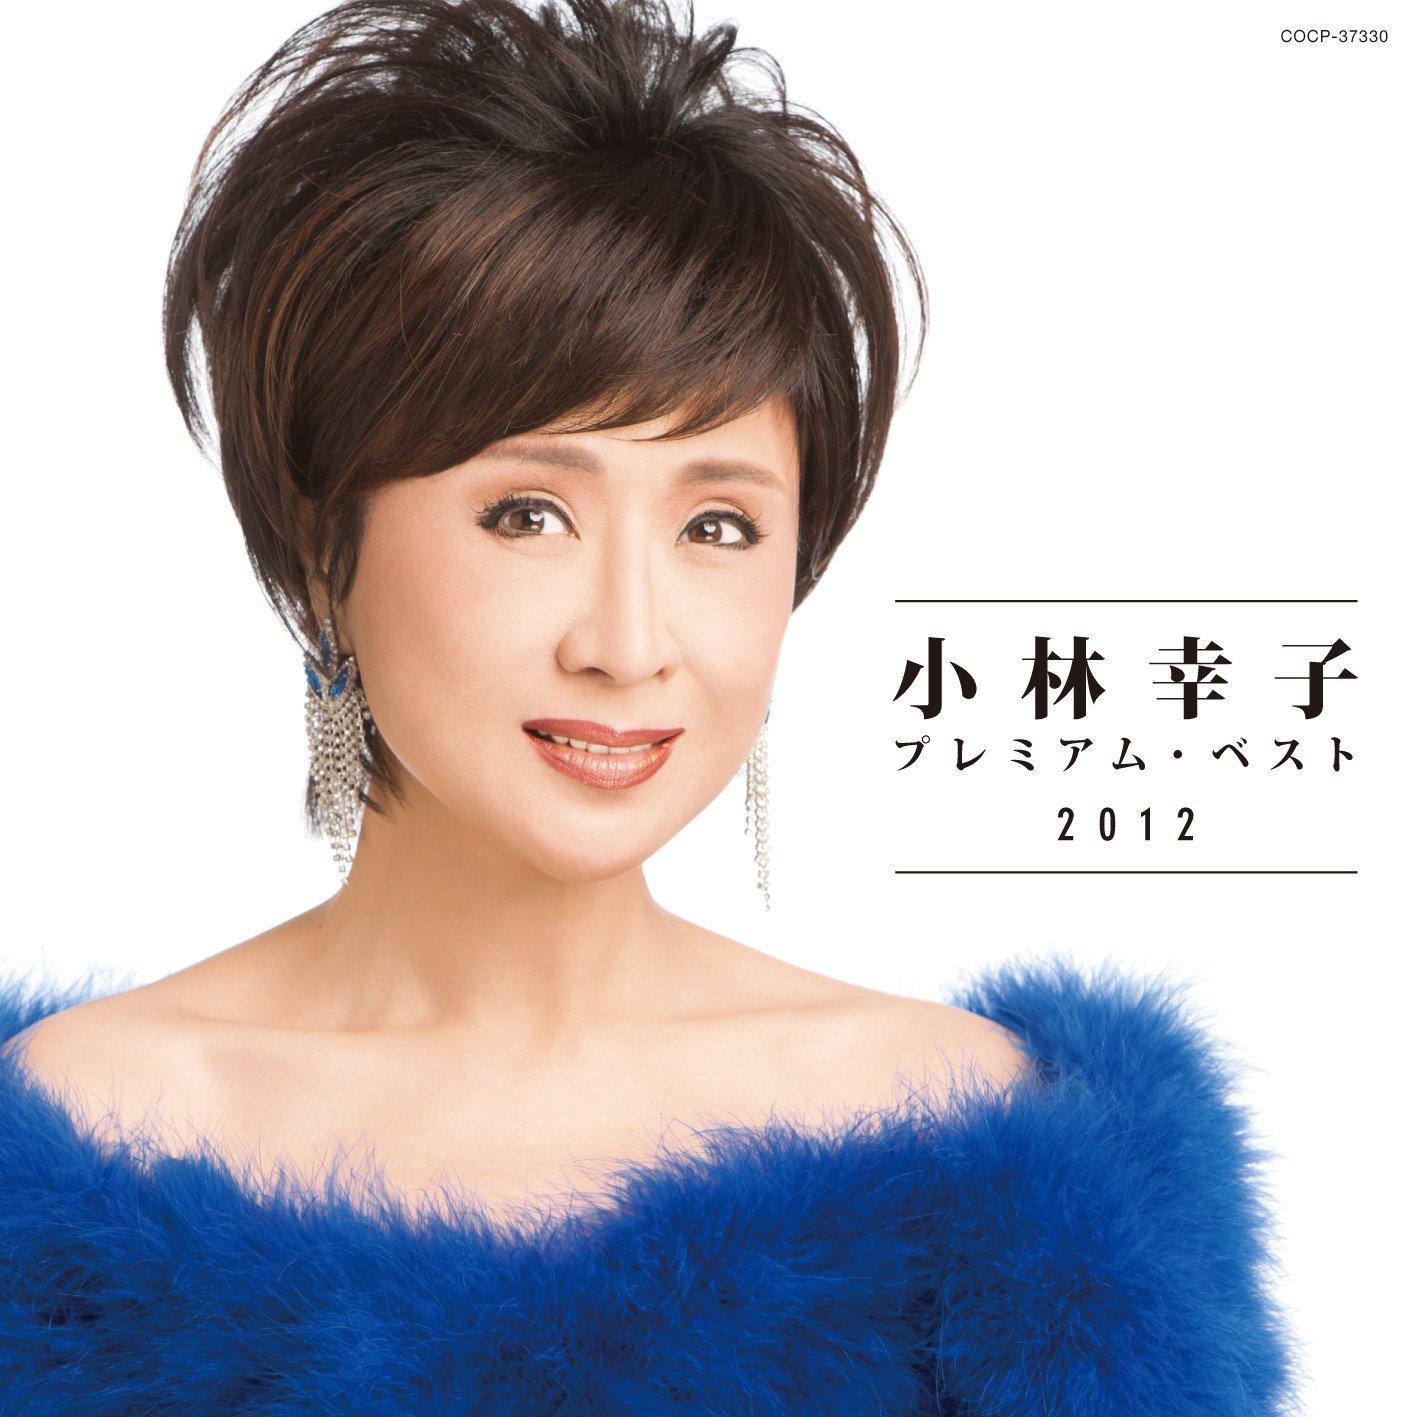 小林幸子、何故紅白に出ないのか!?現在はオタクに人気の噂!?のサムネイル画像